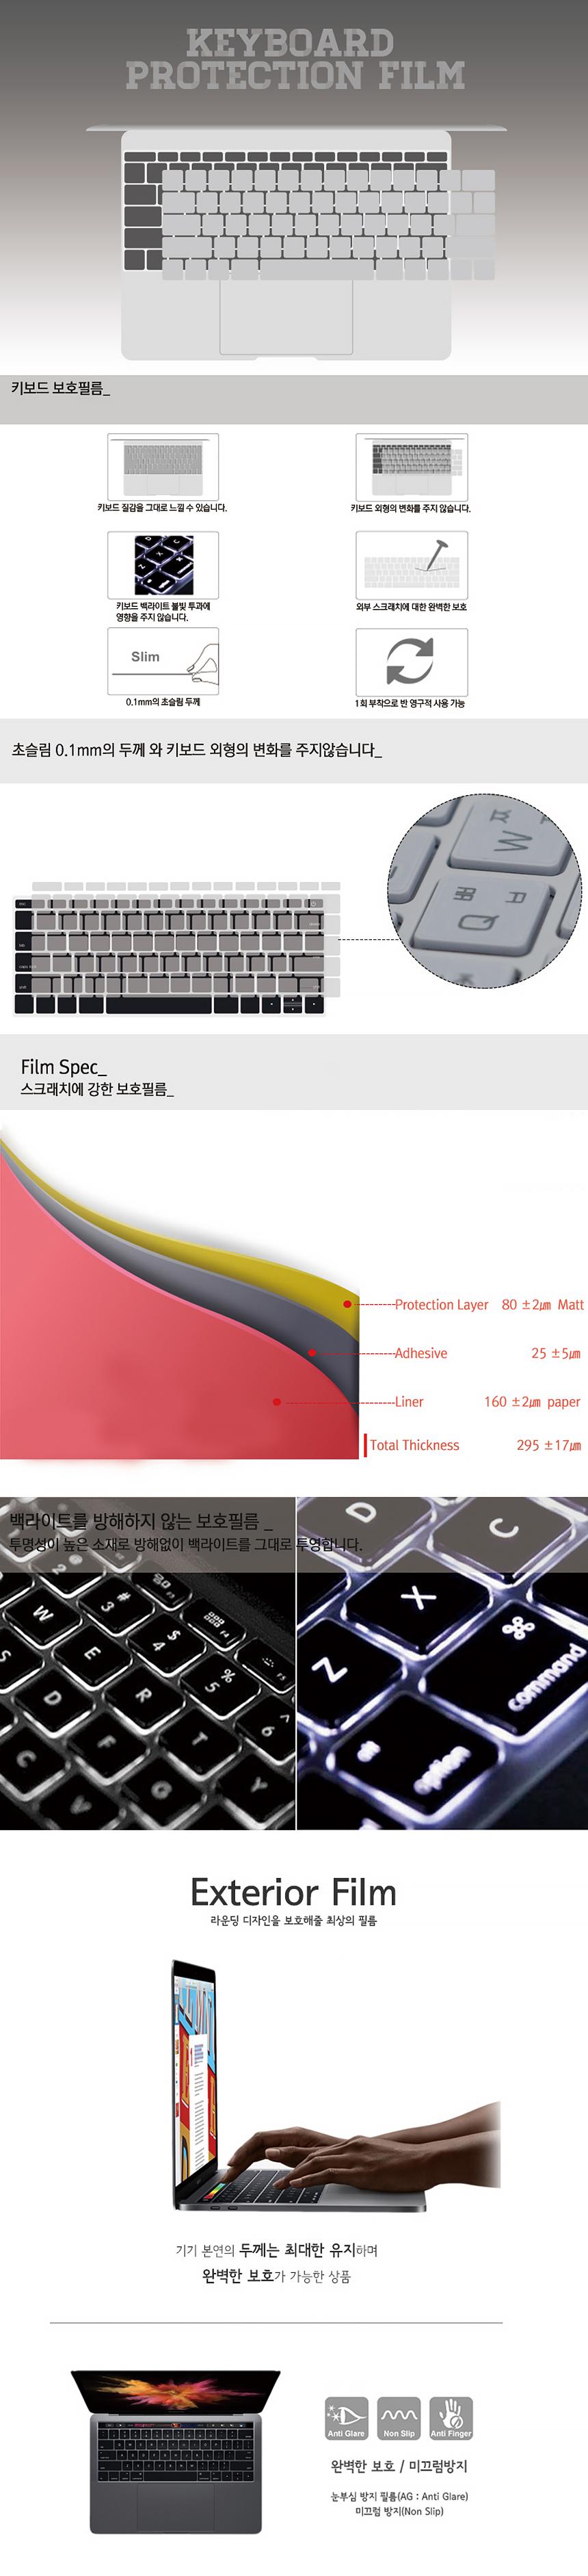 맥북프로 2018 13  터치바 키보드 보호필름 - 스코코, 15,000원, 노트북 액정보호필름, 35.56cm~39.62cm